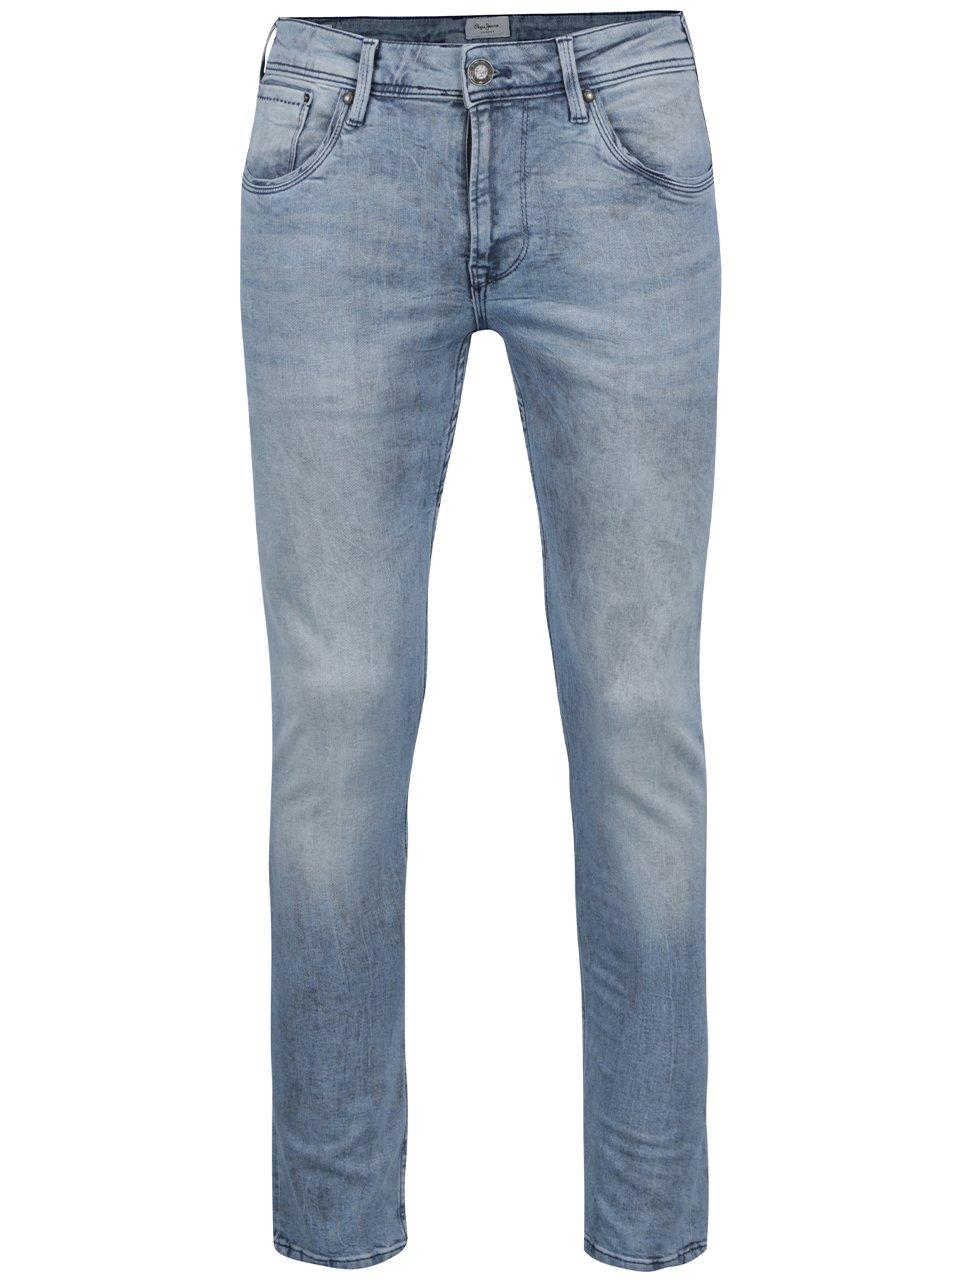 Světle modré pánské džíny Pepe Jeans Nickel